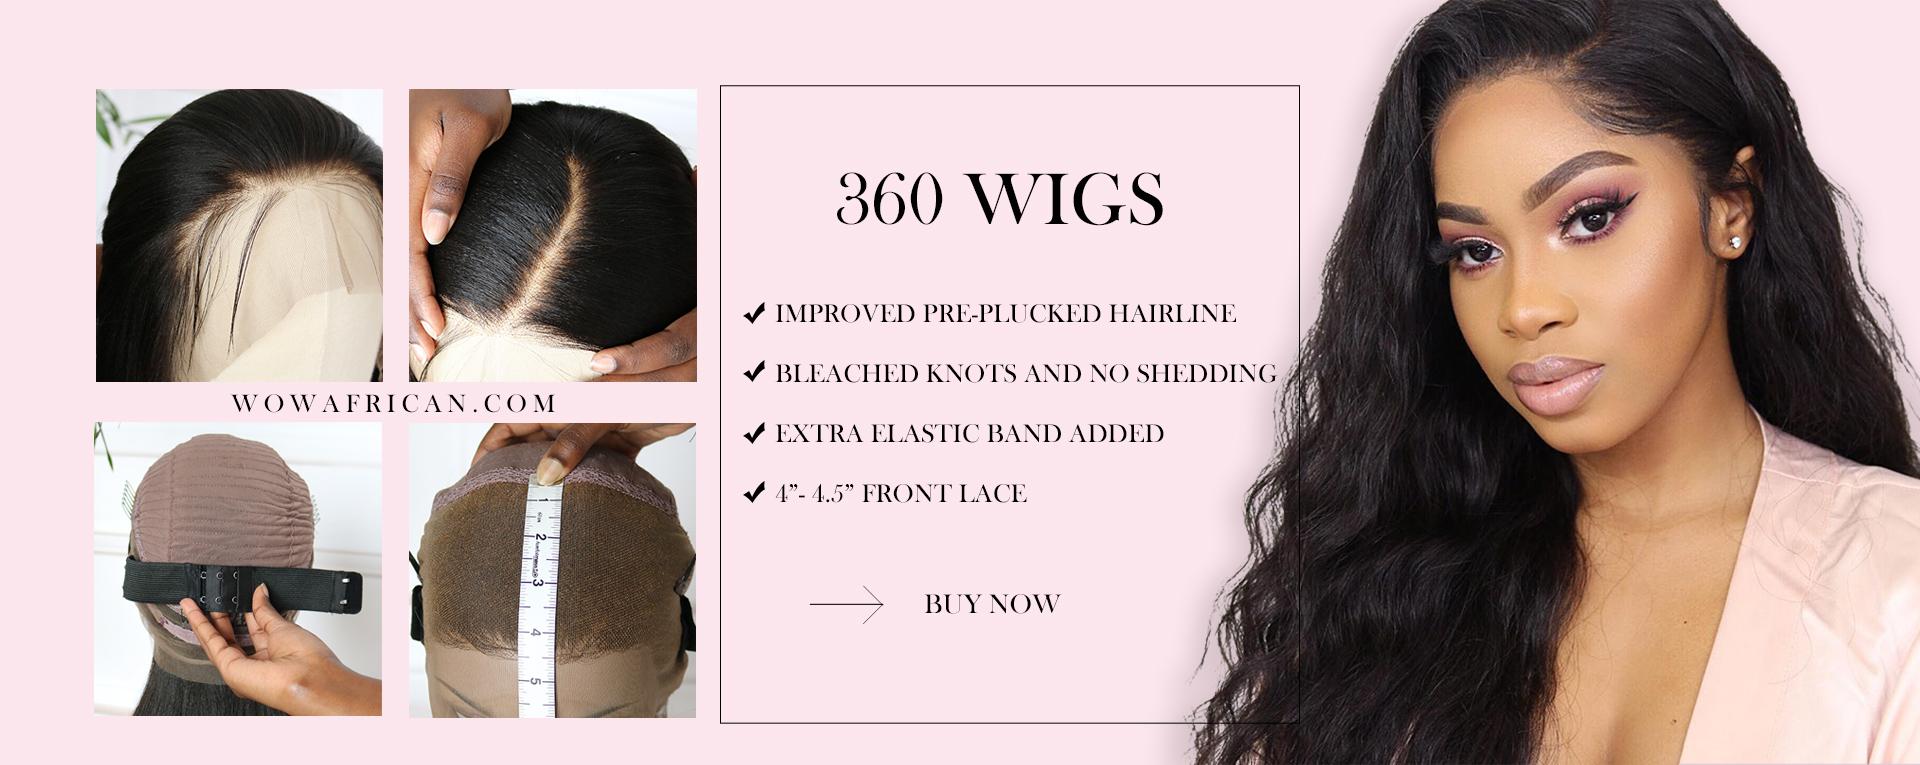 Virgin Brazilian Hair Weave Styles: Brazilian Virgin Human Hair Lace Wigs, Weaves Supplier